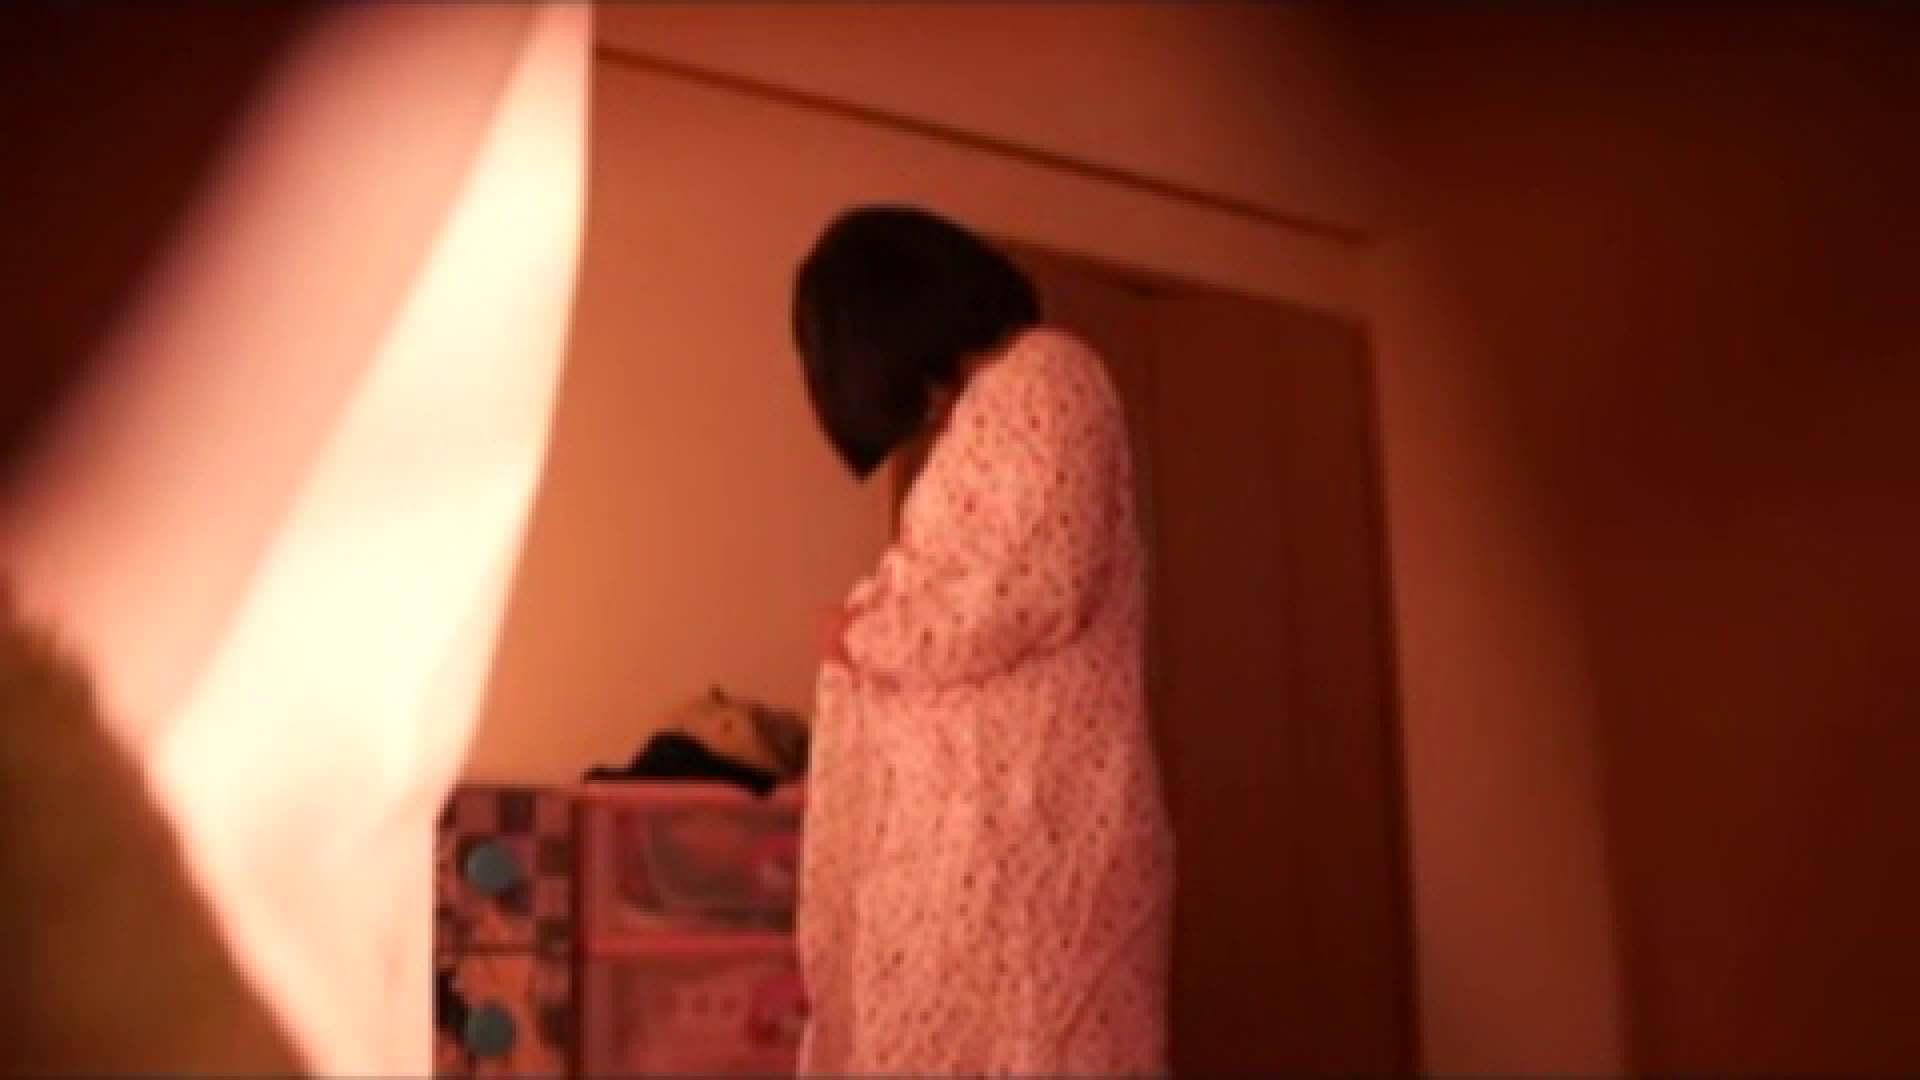 おまんこ|vol.2 まりこさんのお着替え、就寝前の映像です。|怪盗ジョーカー